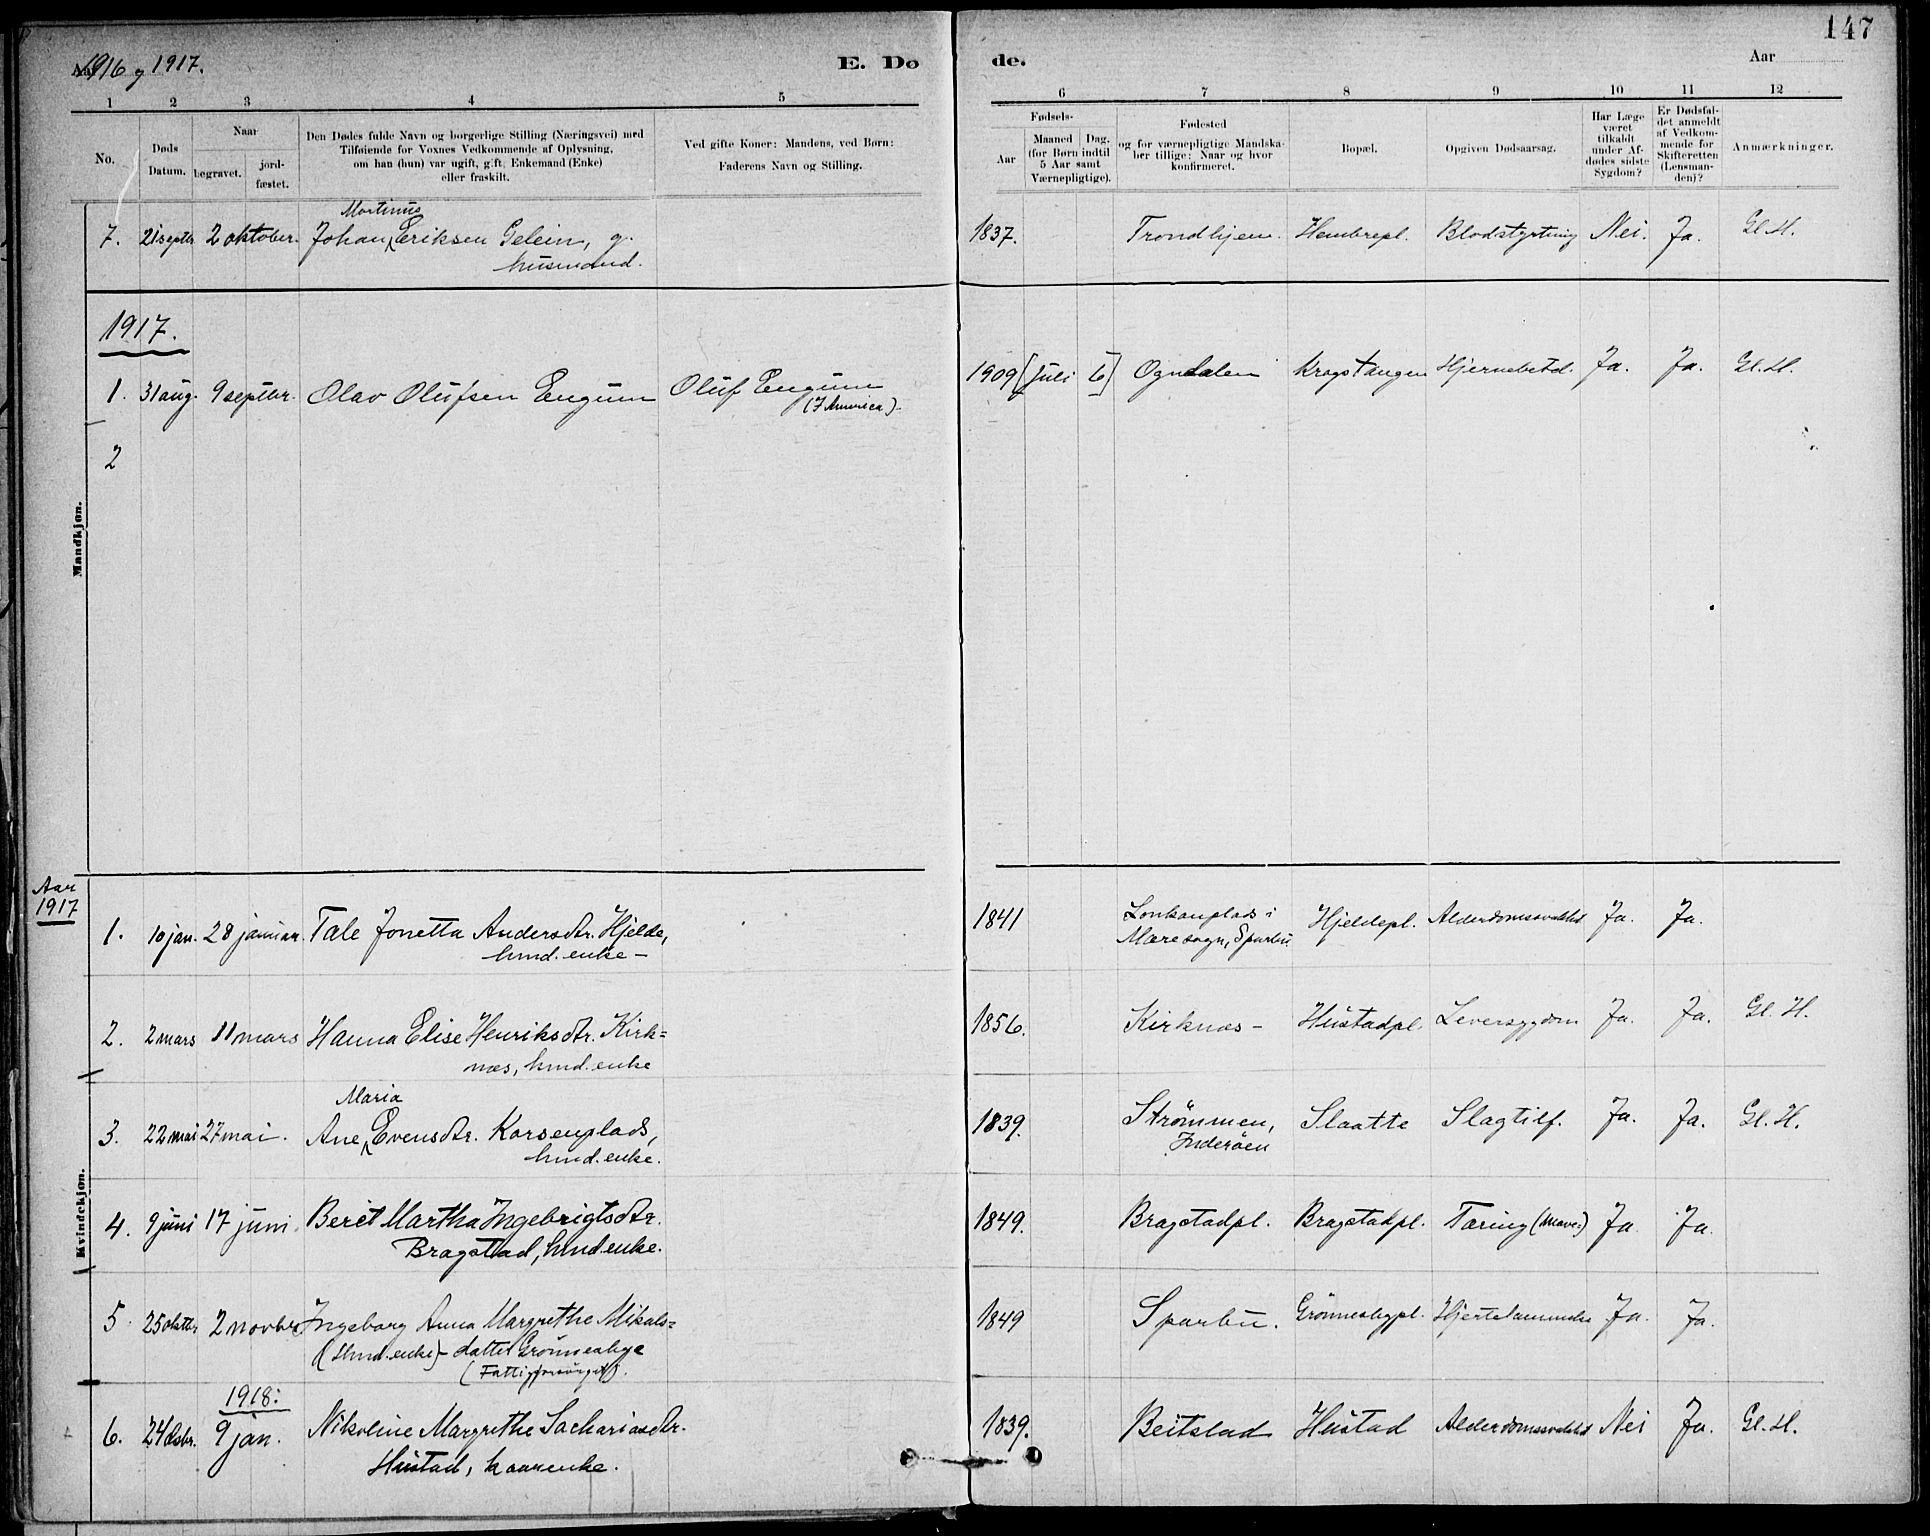 SAT, Ministerialprotokoller, klokkerbøker og fødselsregistre - Nord-Trøndelag, 732/L0316: Ministerialbok nr. 732A01, 1879-1921, s. 147